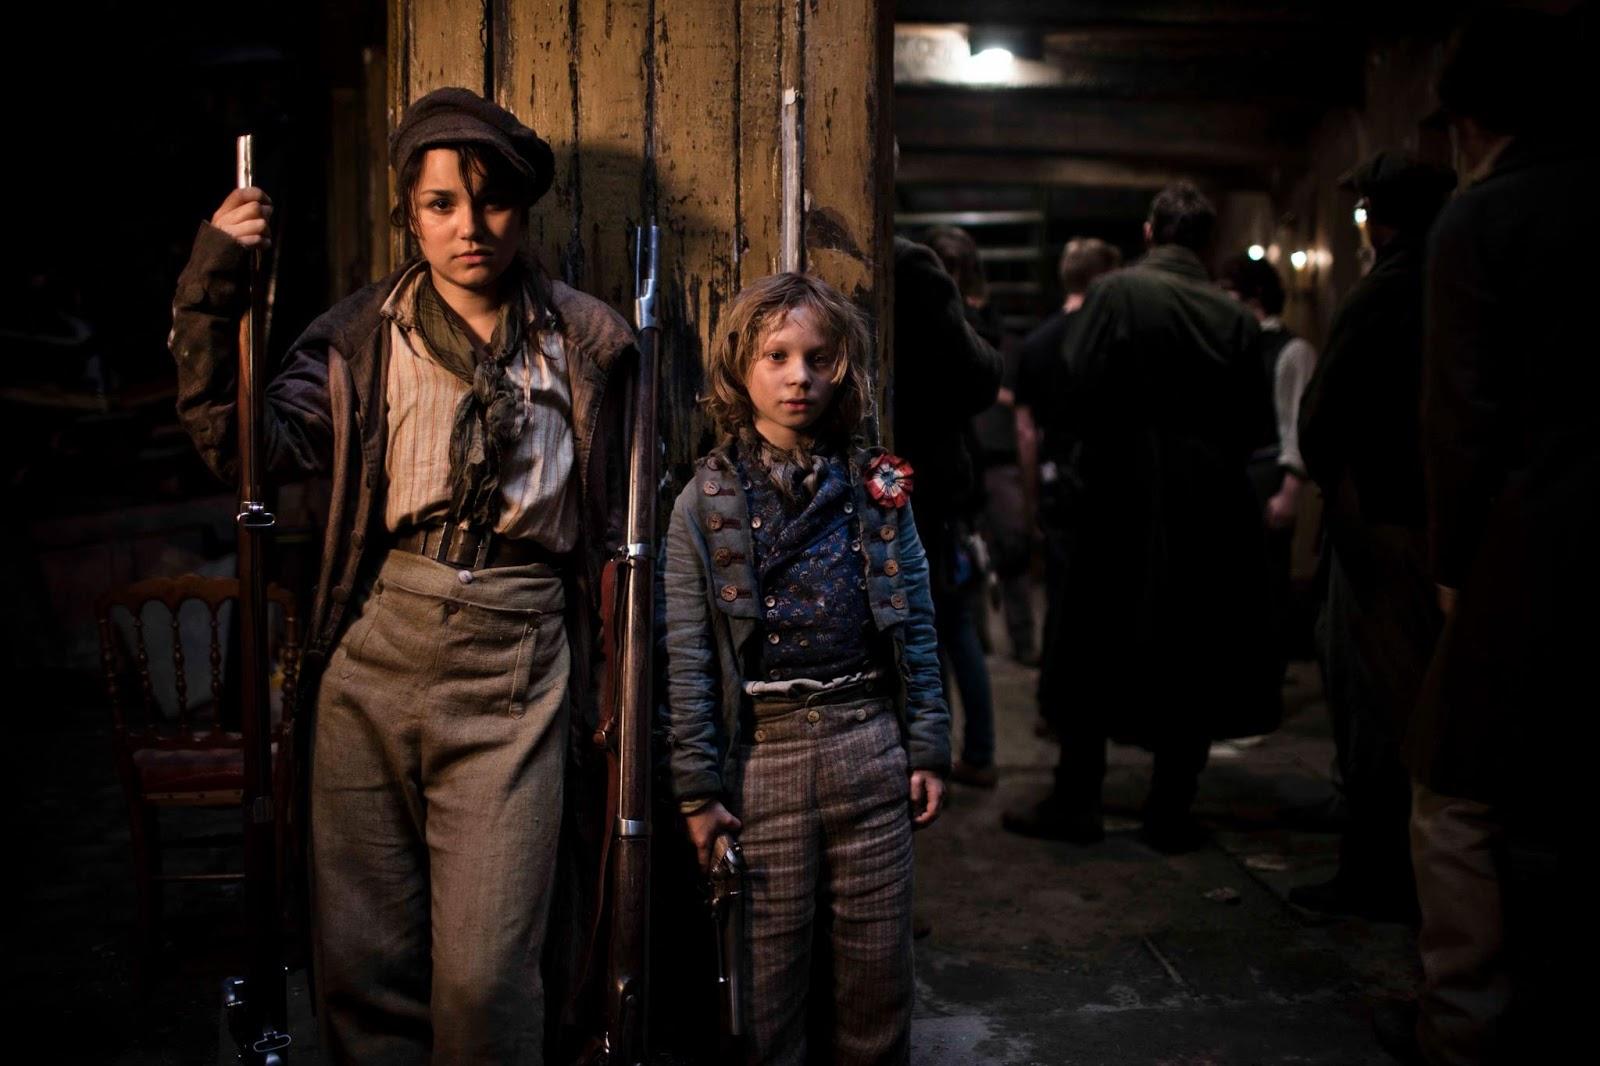 Les Miserables 2012 5 25 Things You Didn't Know About Les Misérables (2012)